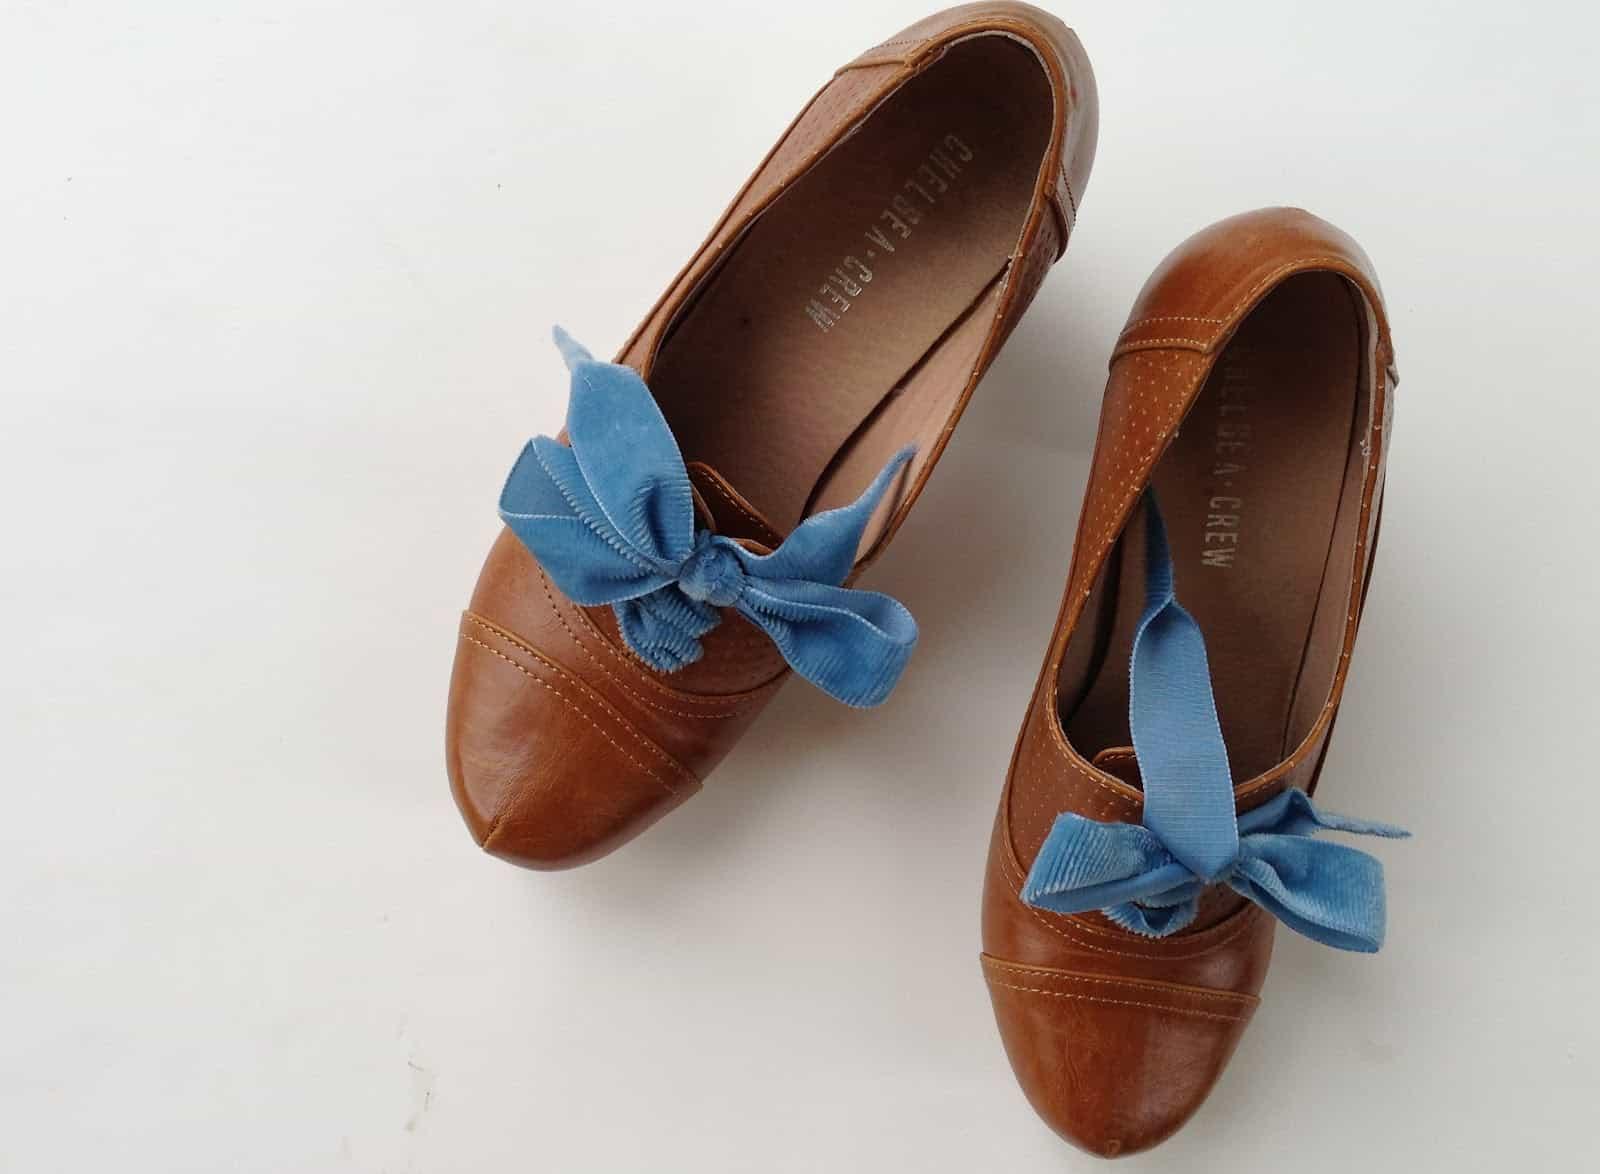 Velour ribbon shoelaces